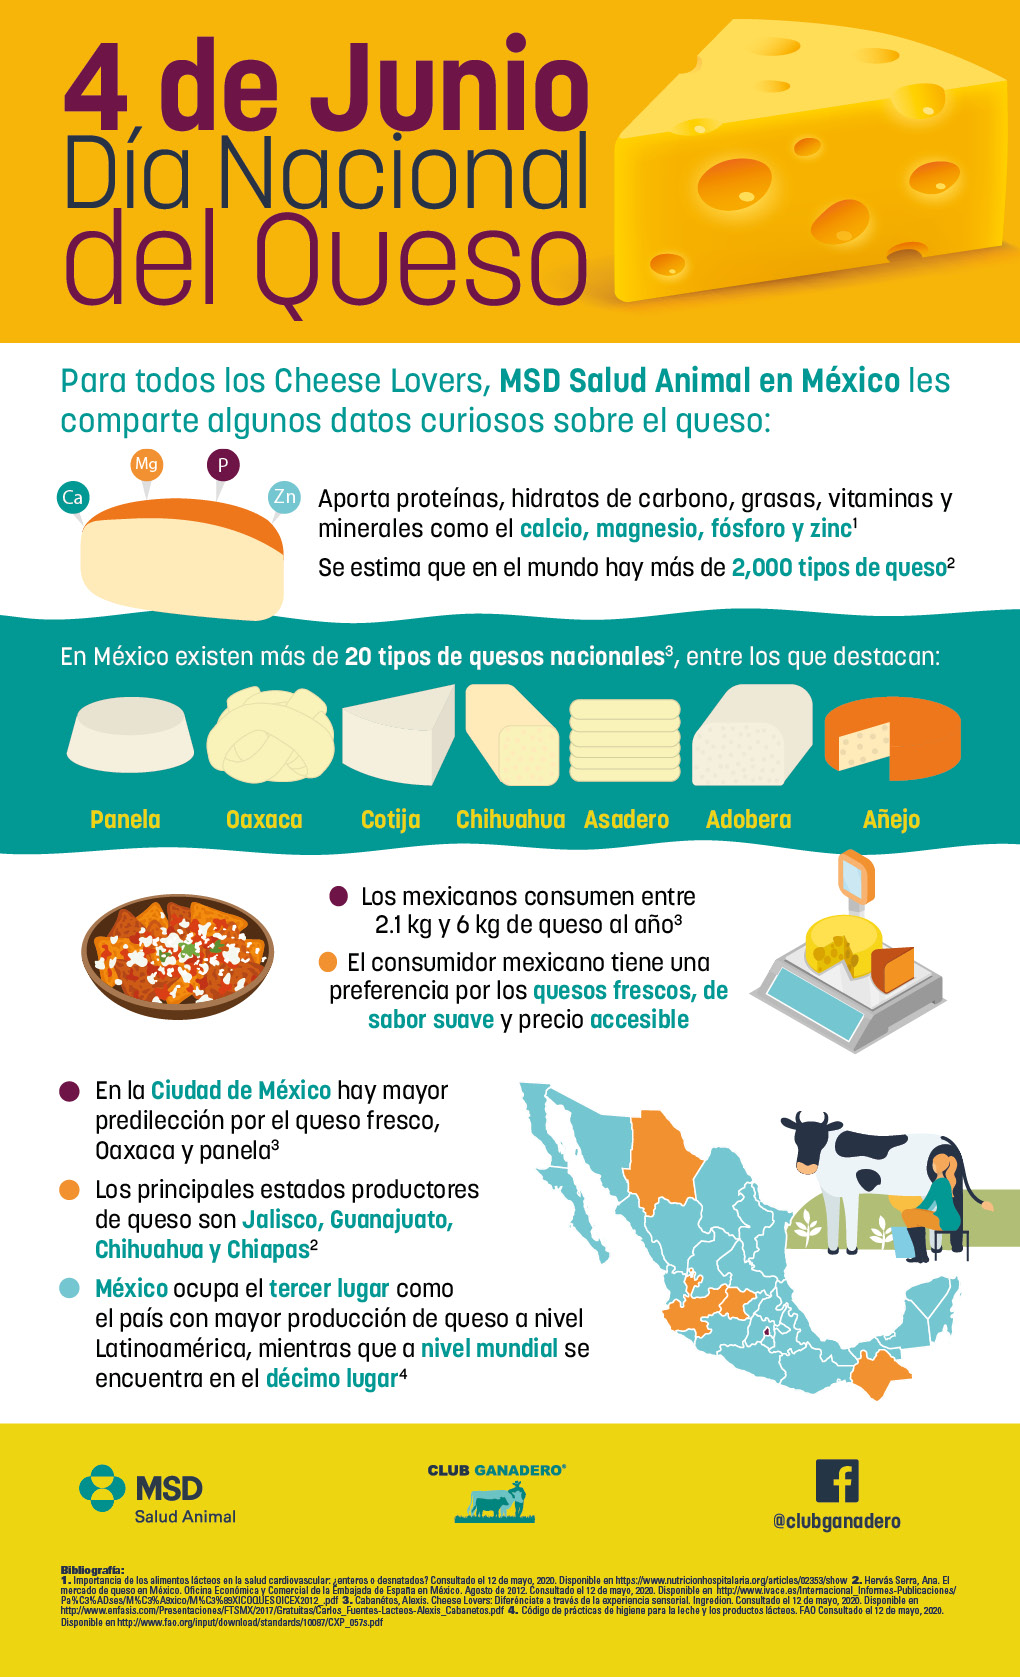 Mexicanos consumen cerca de 6 kilos de queso al año